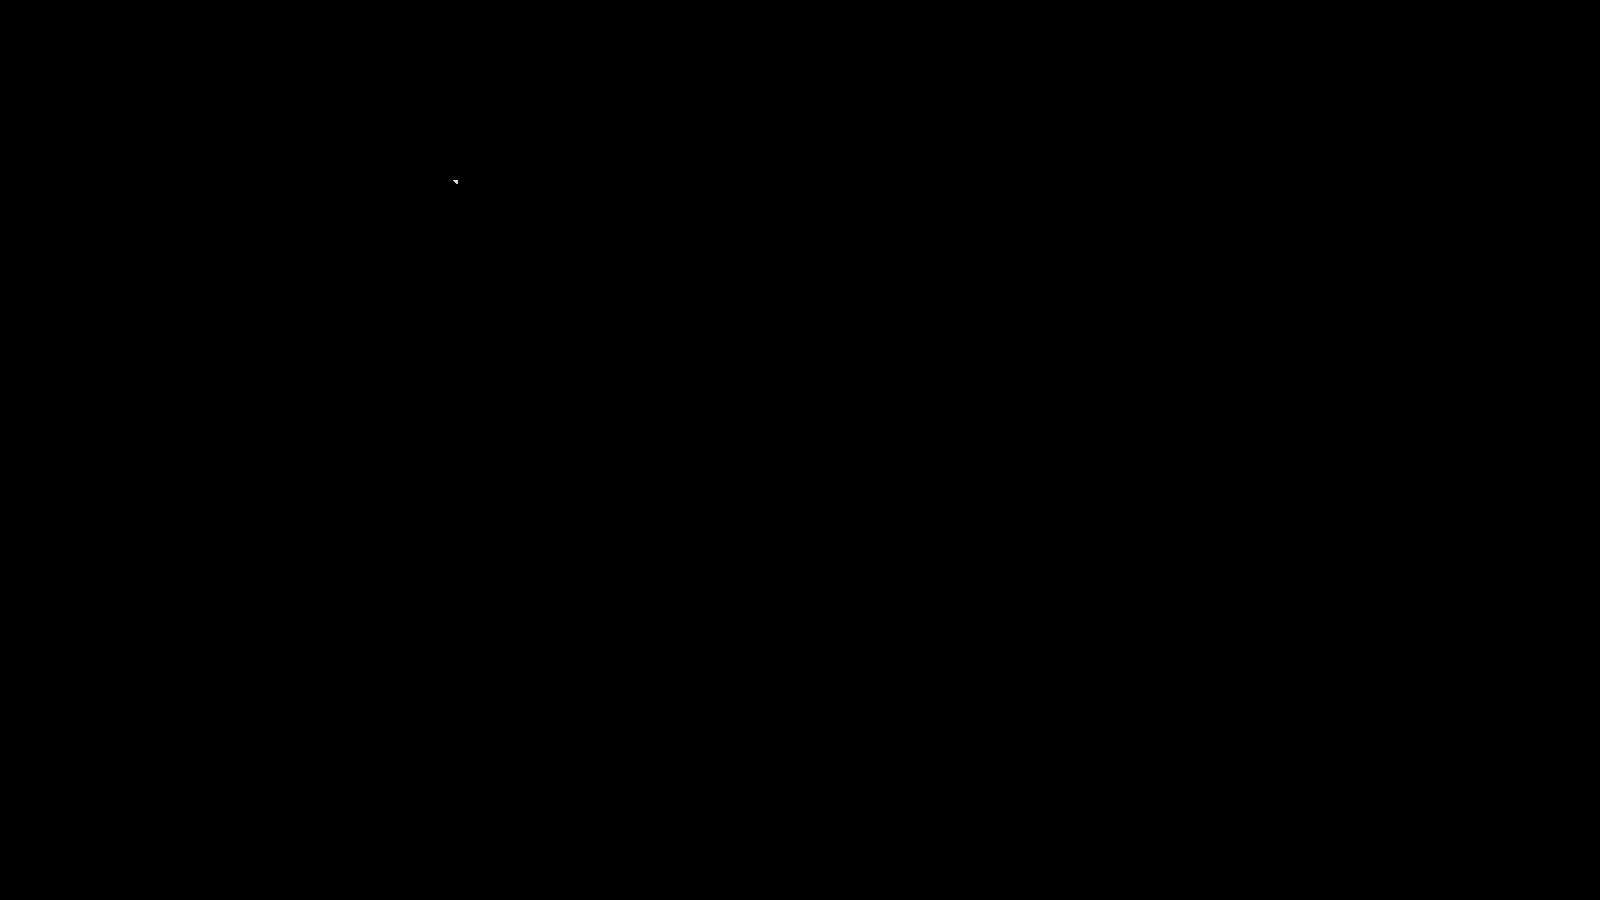 Borrão de tinta 7_fundo preto png